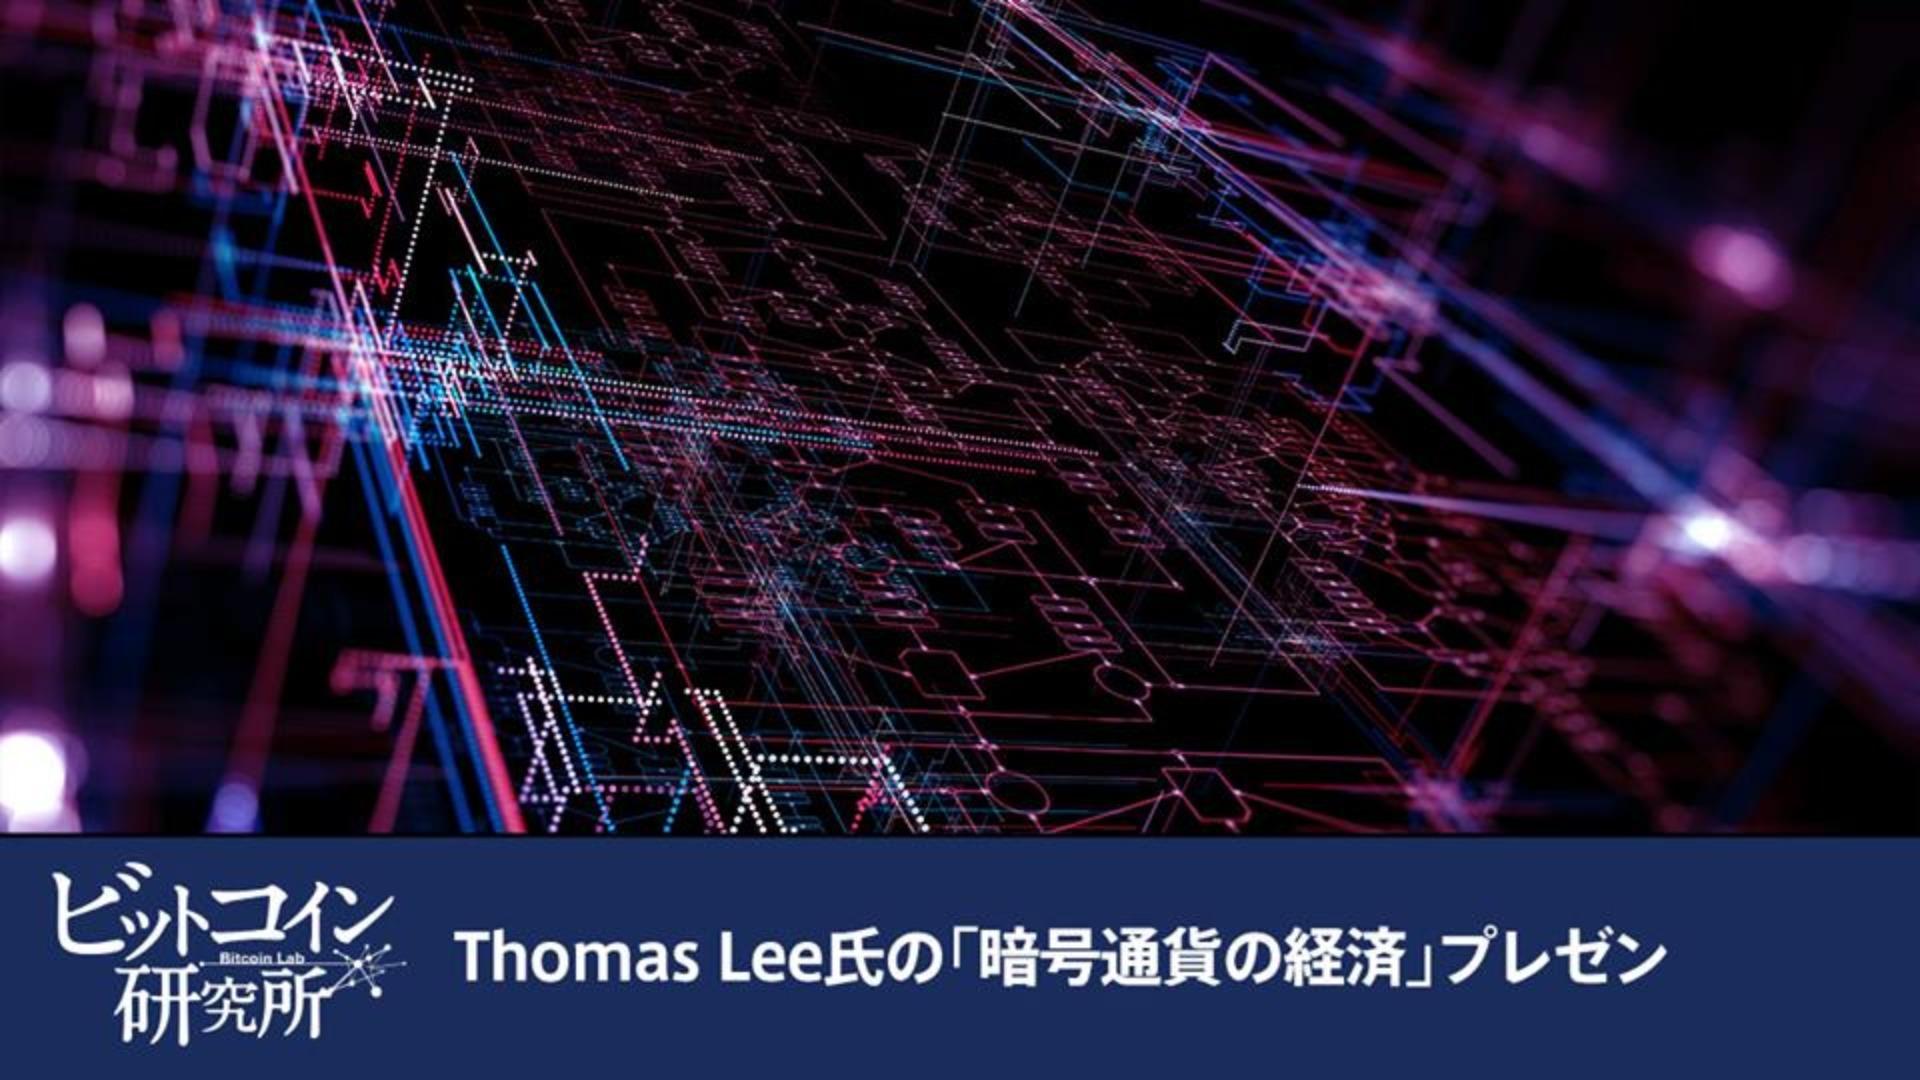 【レポート No.123】Thomas Lee氏「暗号通貨の経済」要点